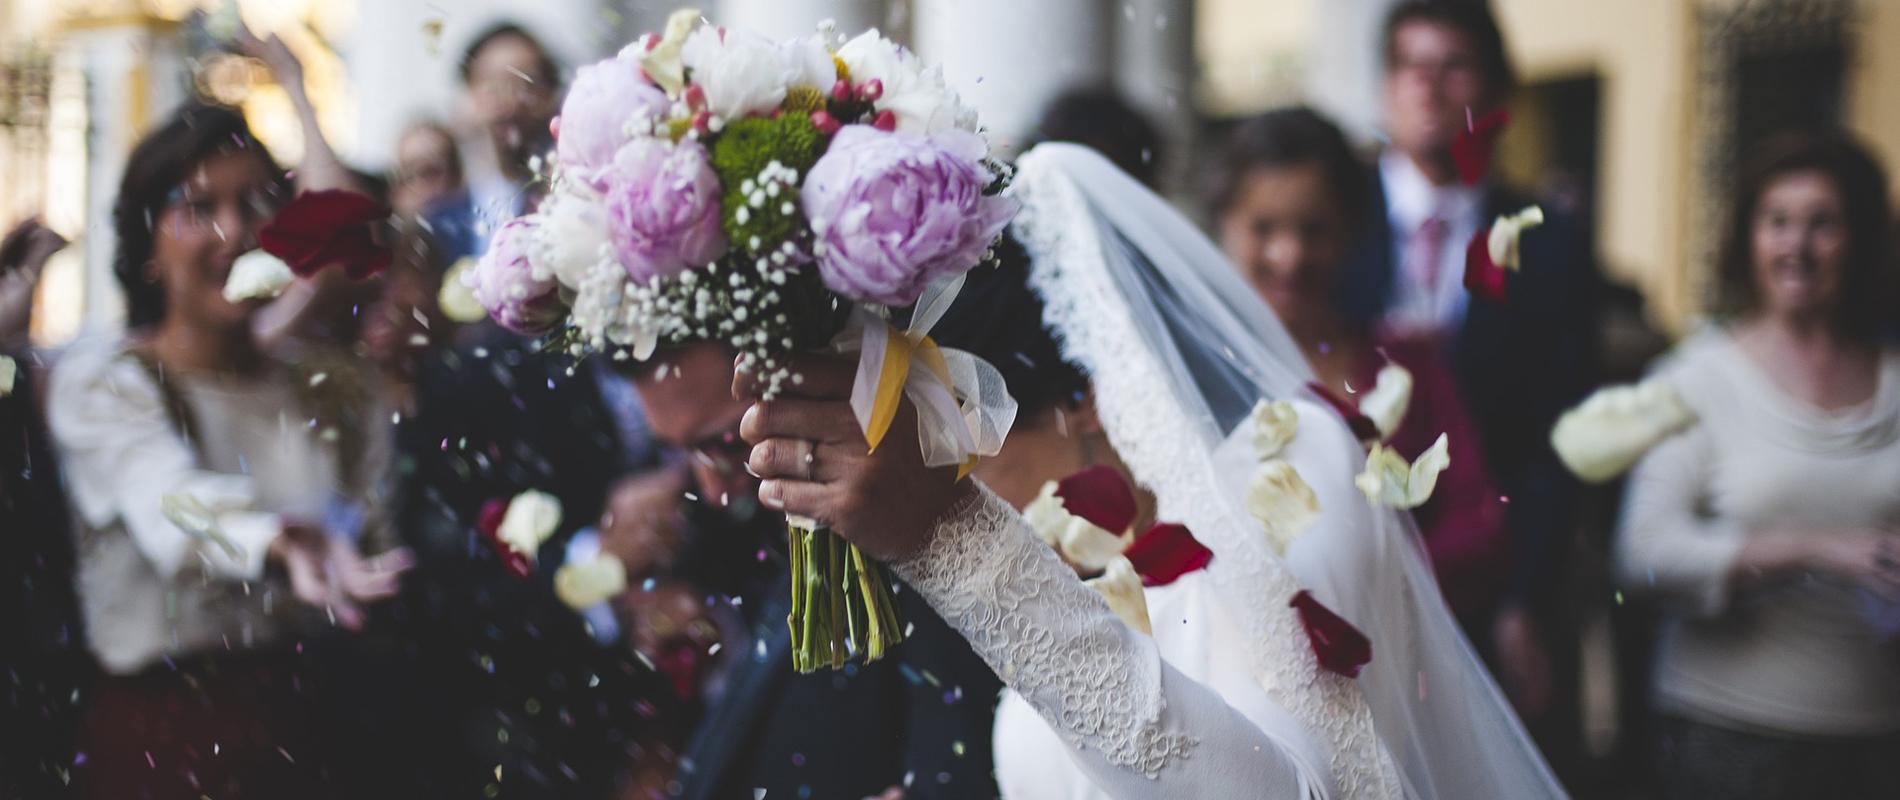 Eine Frau hält ihren Blumenstrauß an ihrer Hochzeit in die Höhe